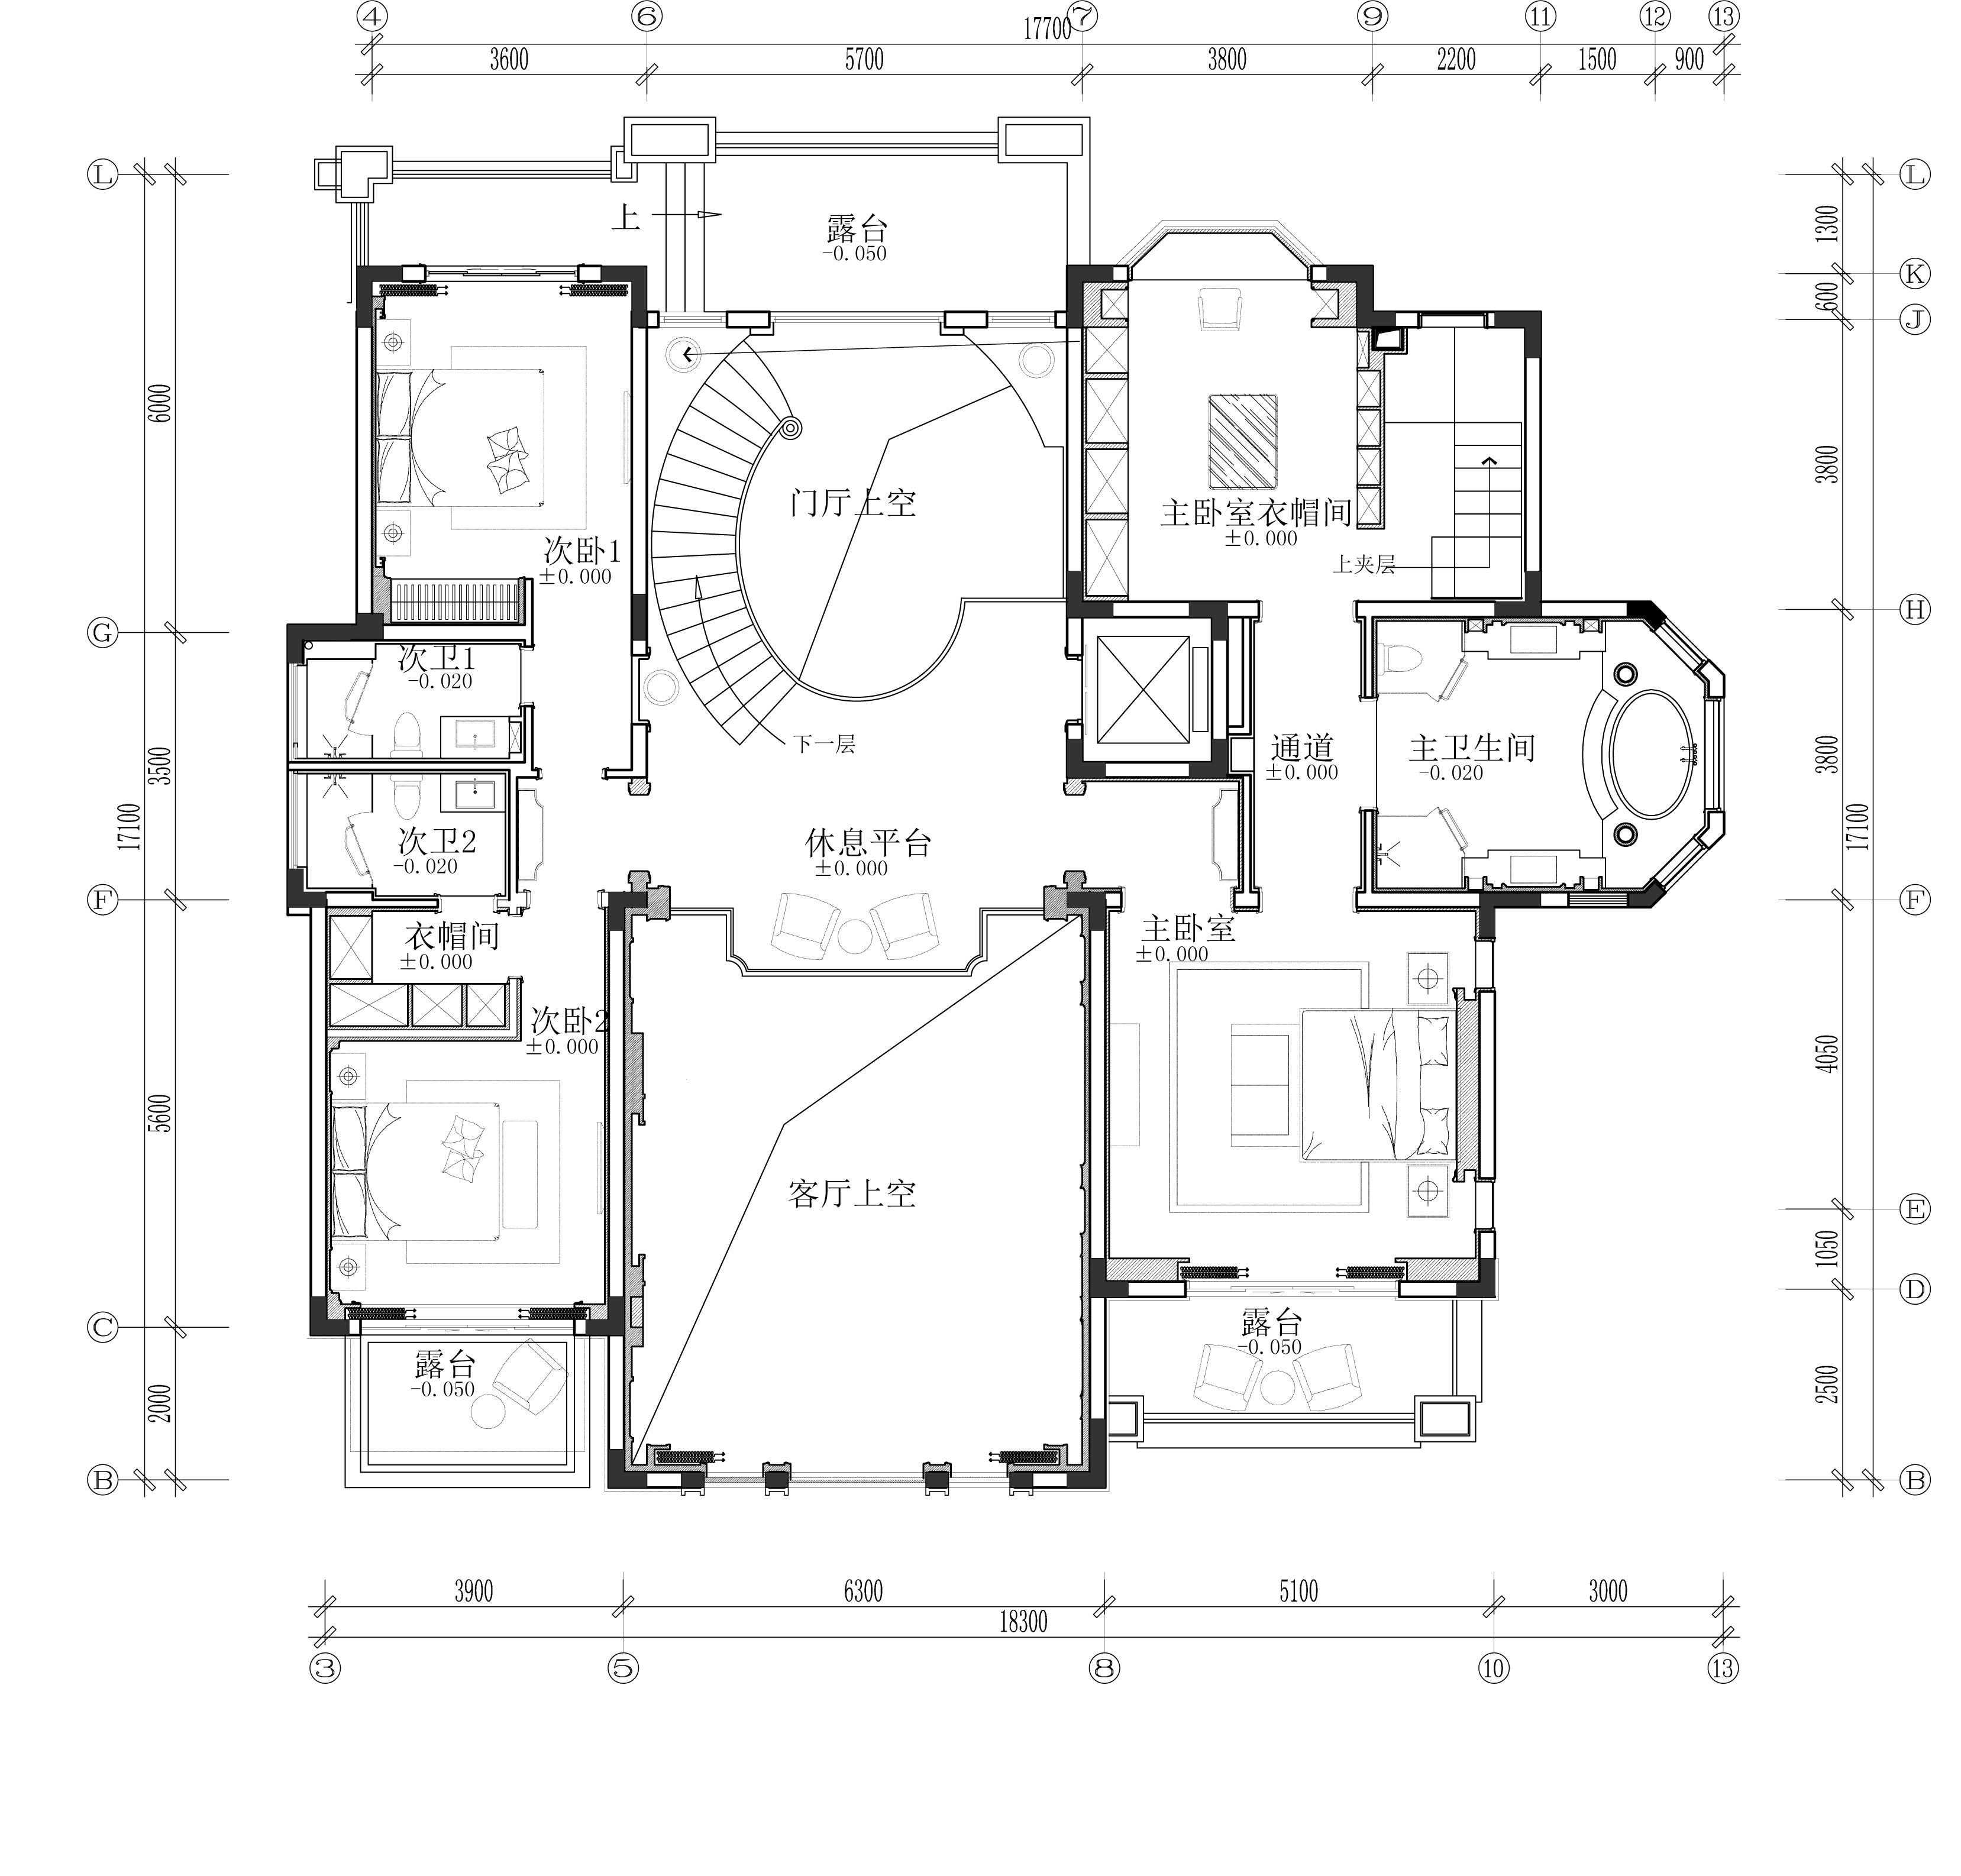 【迪梵宜设计】重庆秀湖鹭岛大独栋—别墅样板